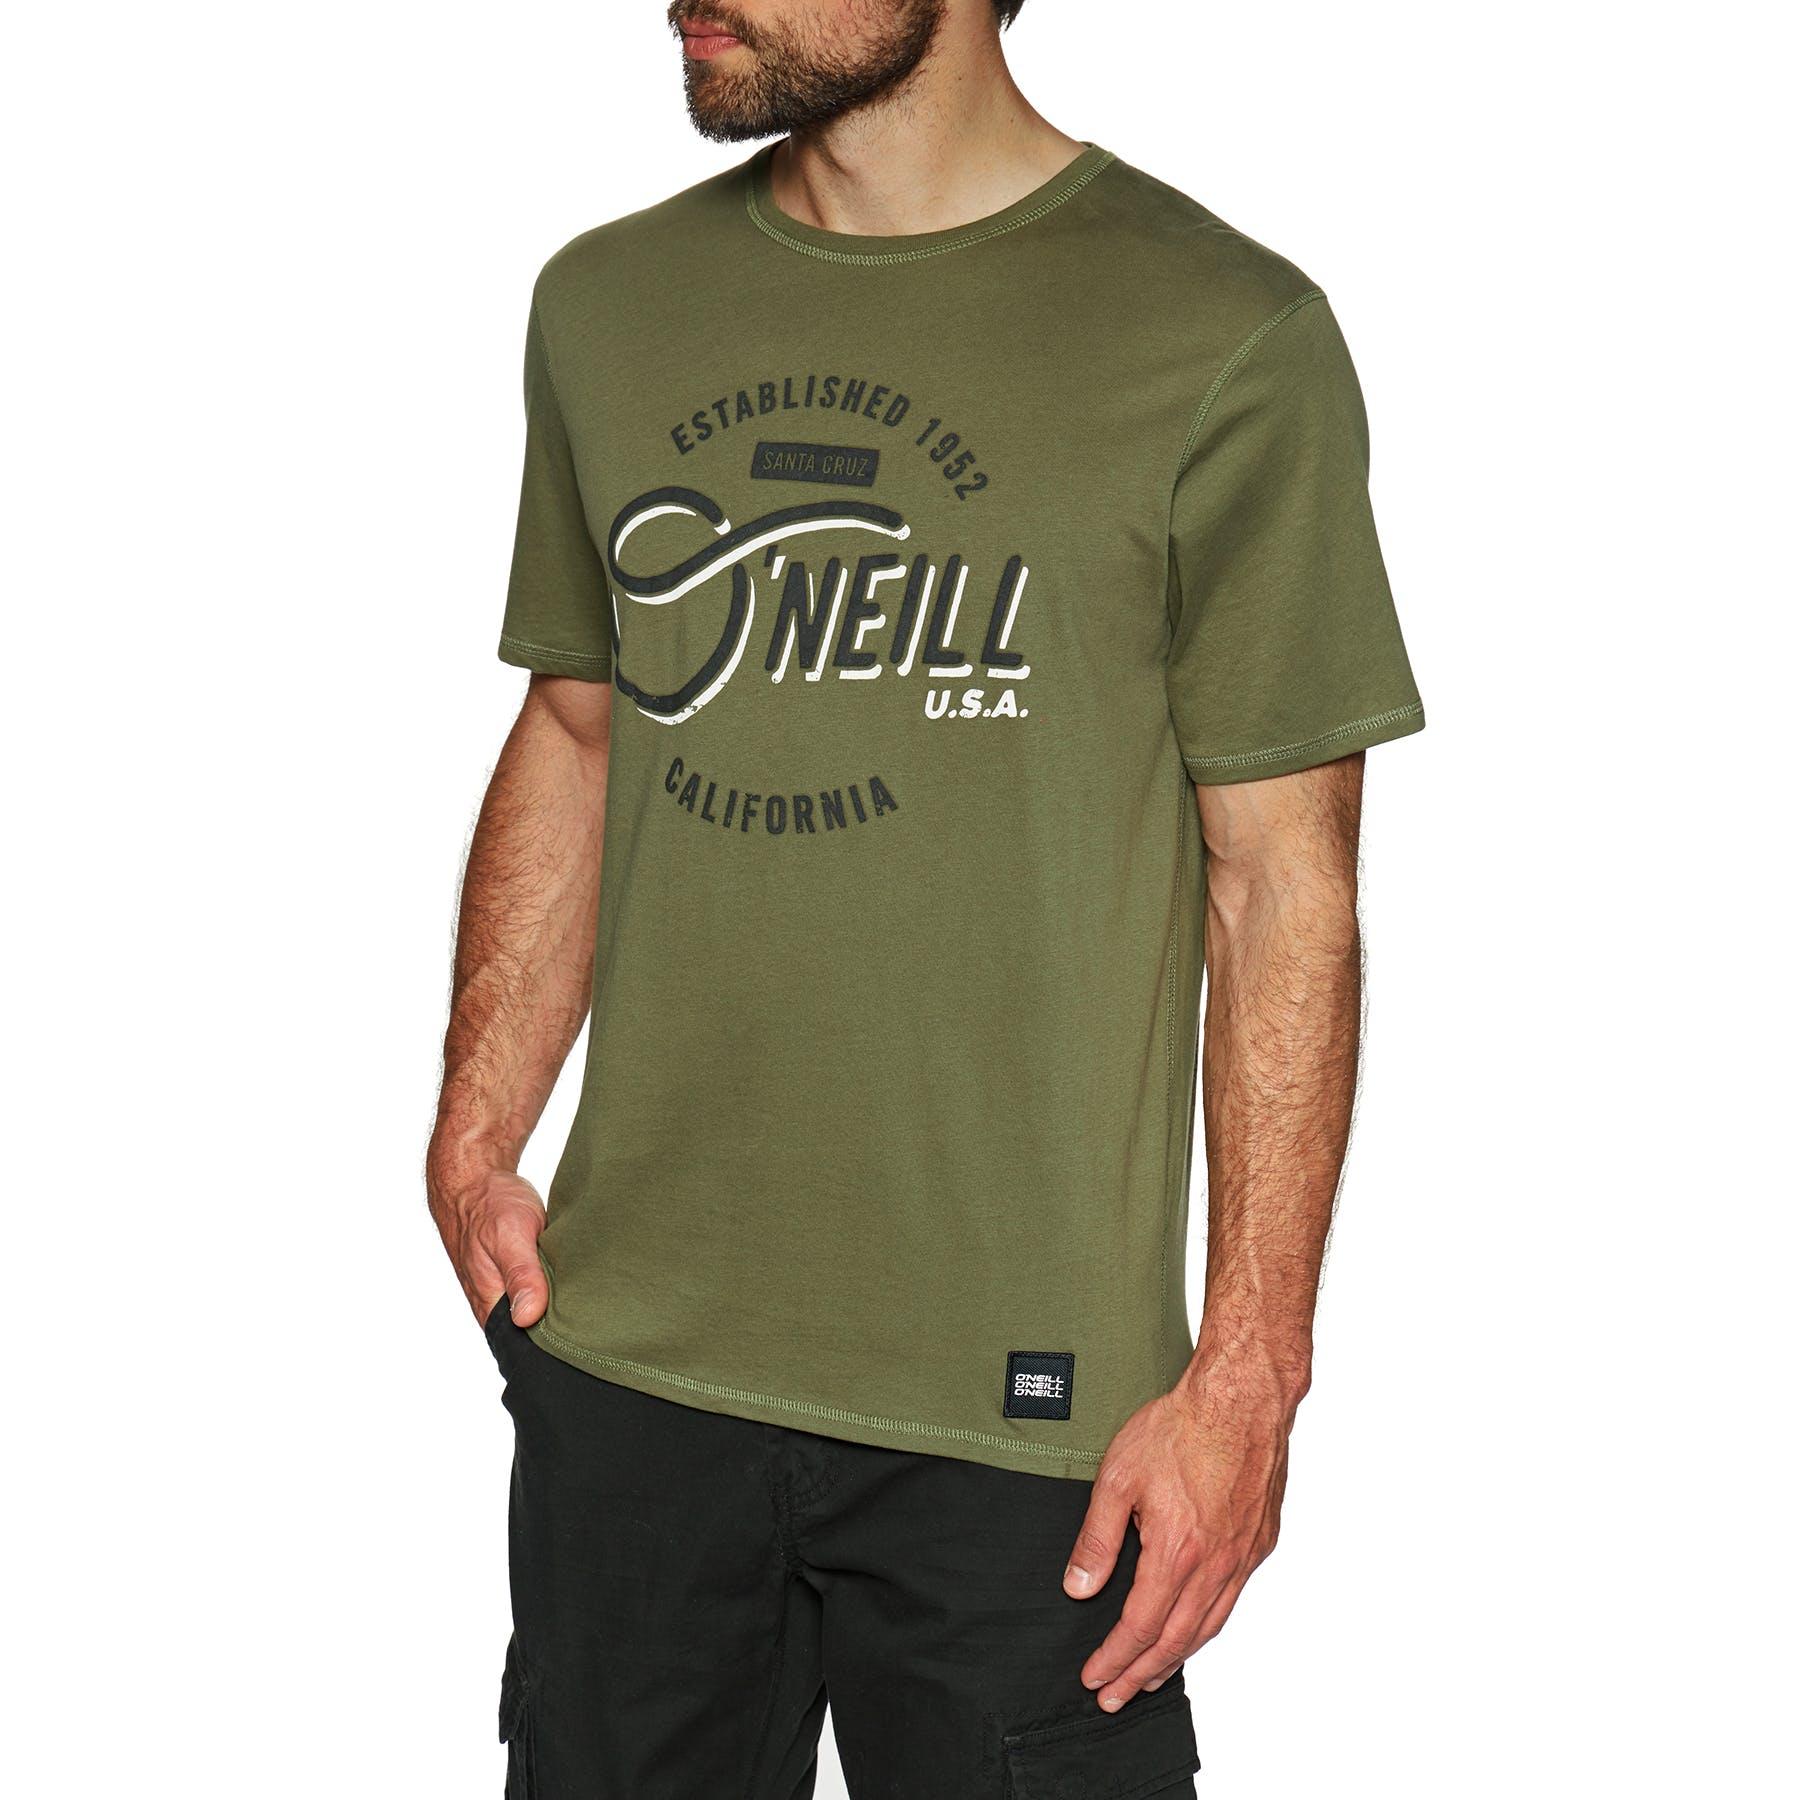 O/'neill Lm Essentials T-shirt Short Sleeve Salina Green All Sizes